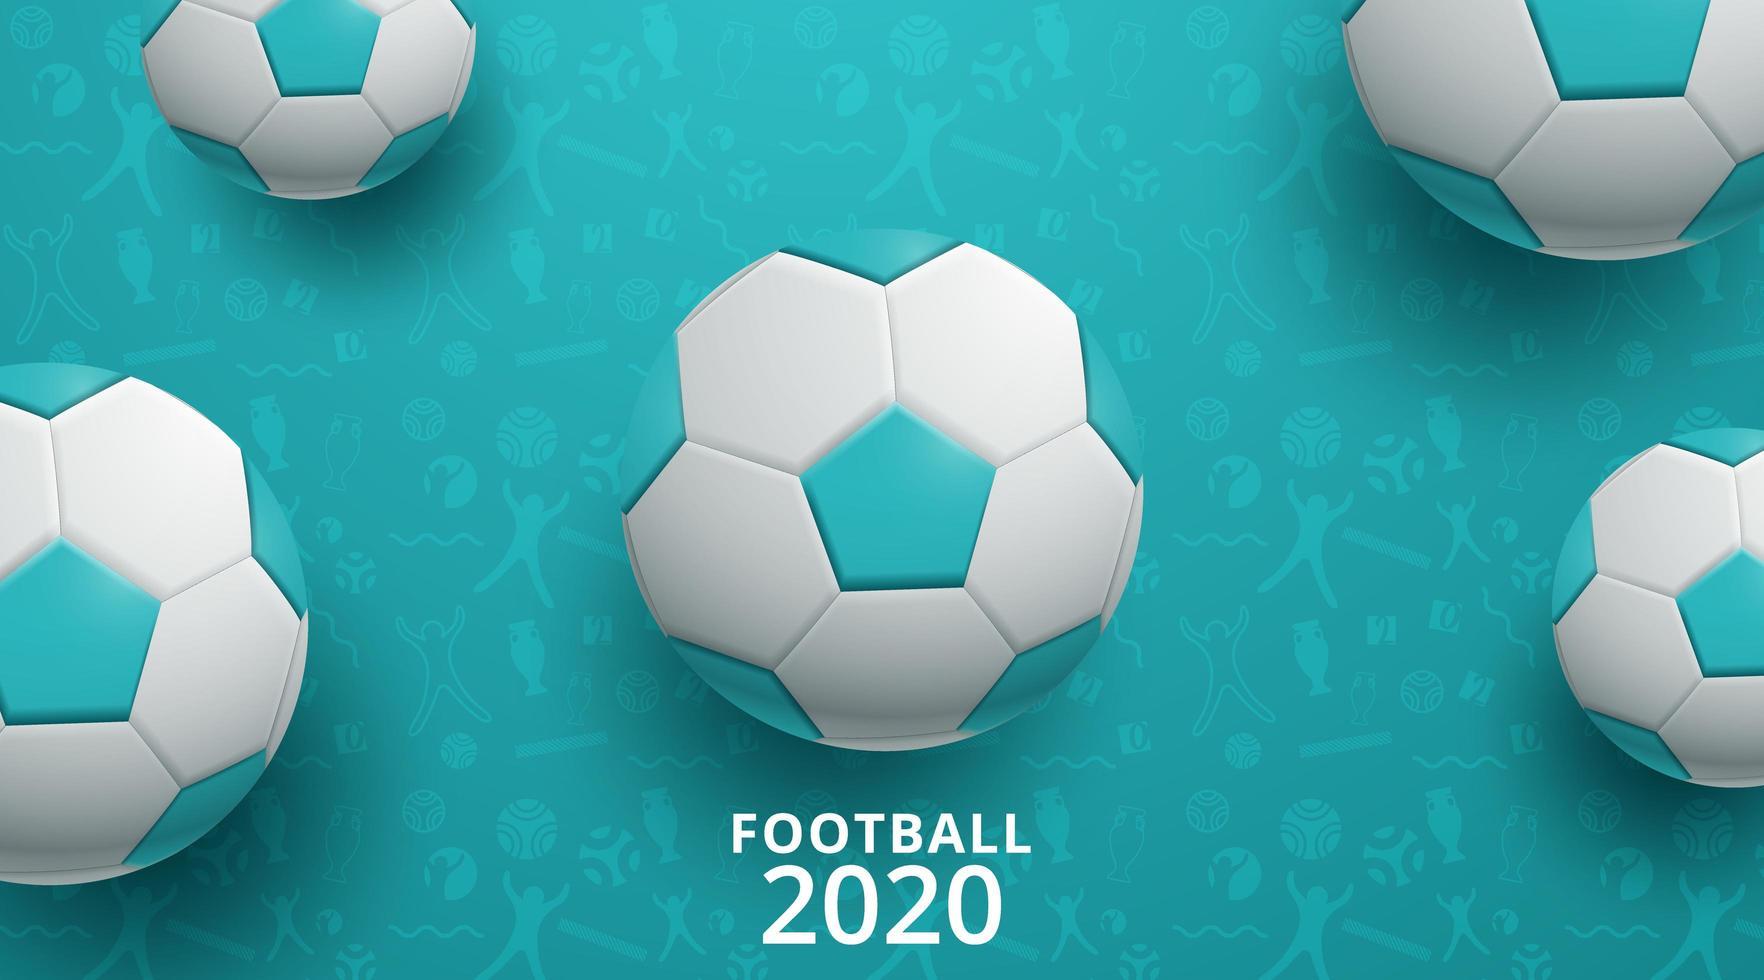 fond de football football 2020 vecteur